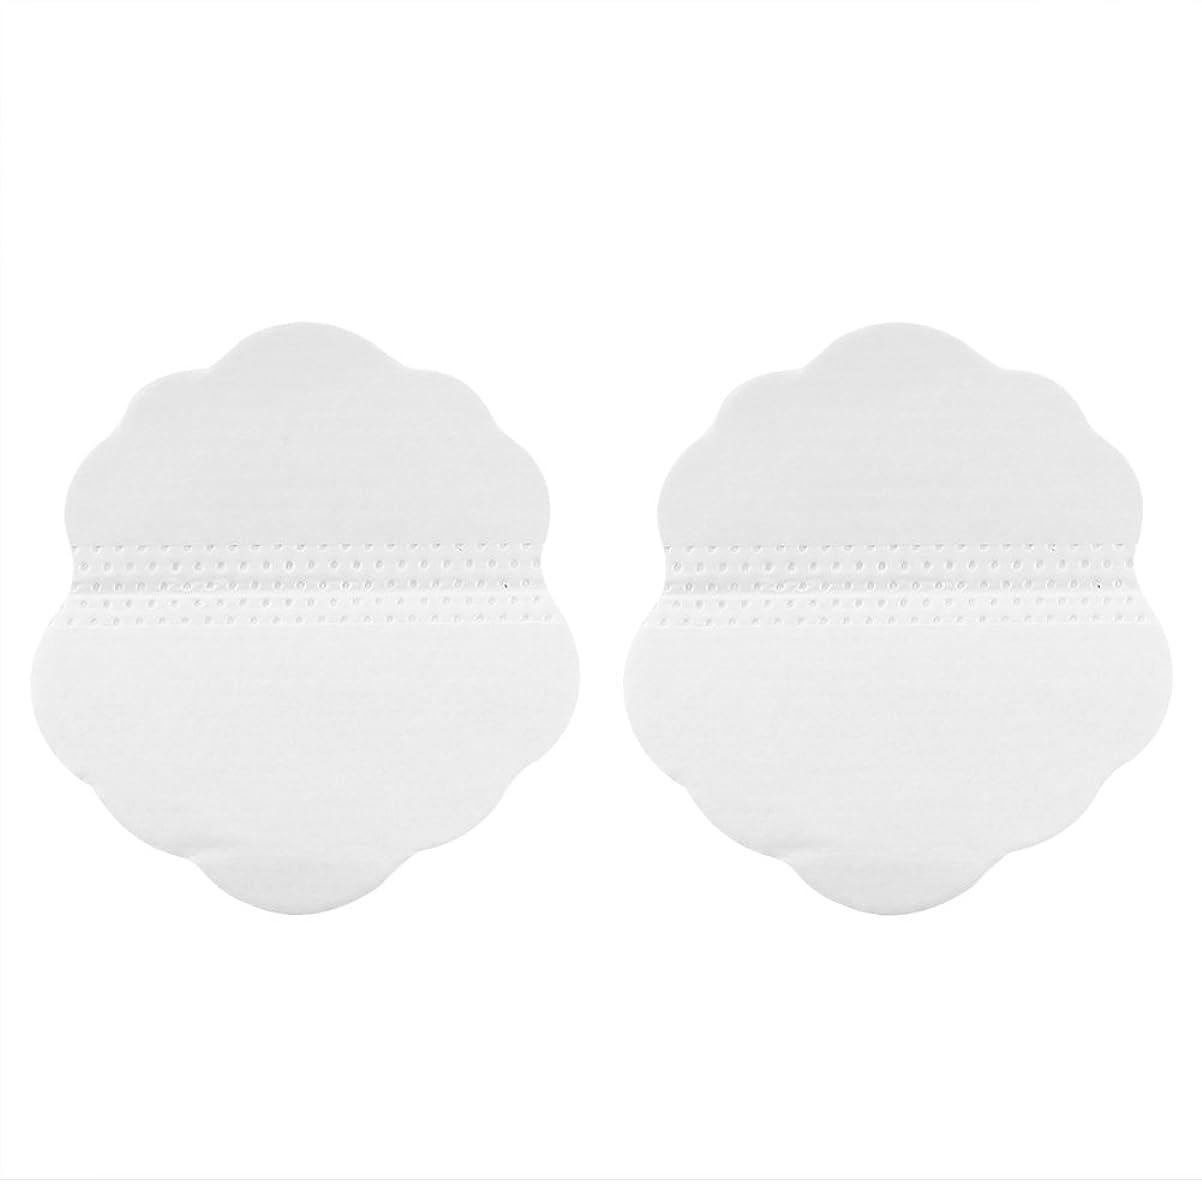 氷世界記録のギネスブック曲線脇の下は汗パッドを防ぎます、30組の折り畳み式の使い捨て可能な5点形の脇の下の衣服の保護吸収の蒸散盾(60個)